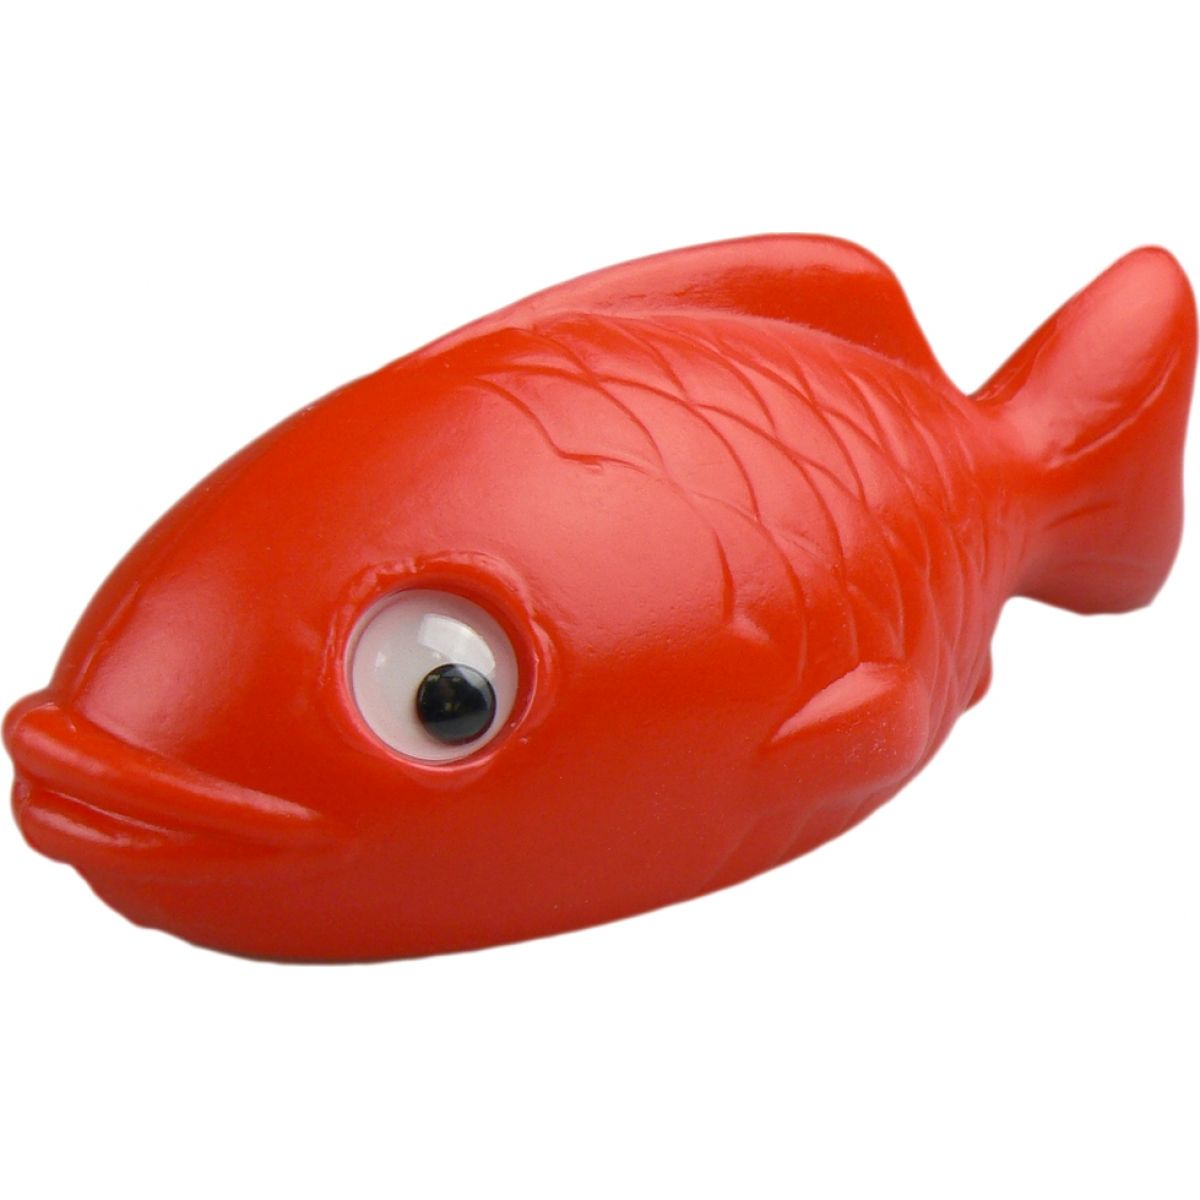 Směr Ryba plast 17cm od 12 měsíců